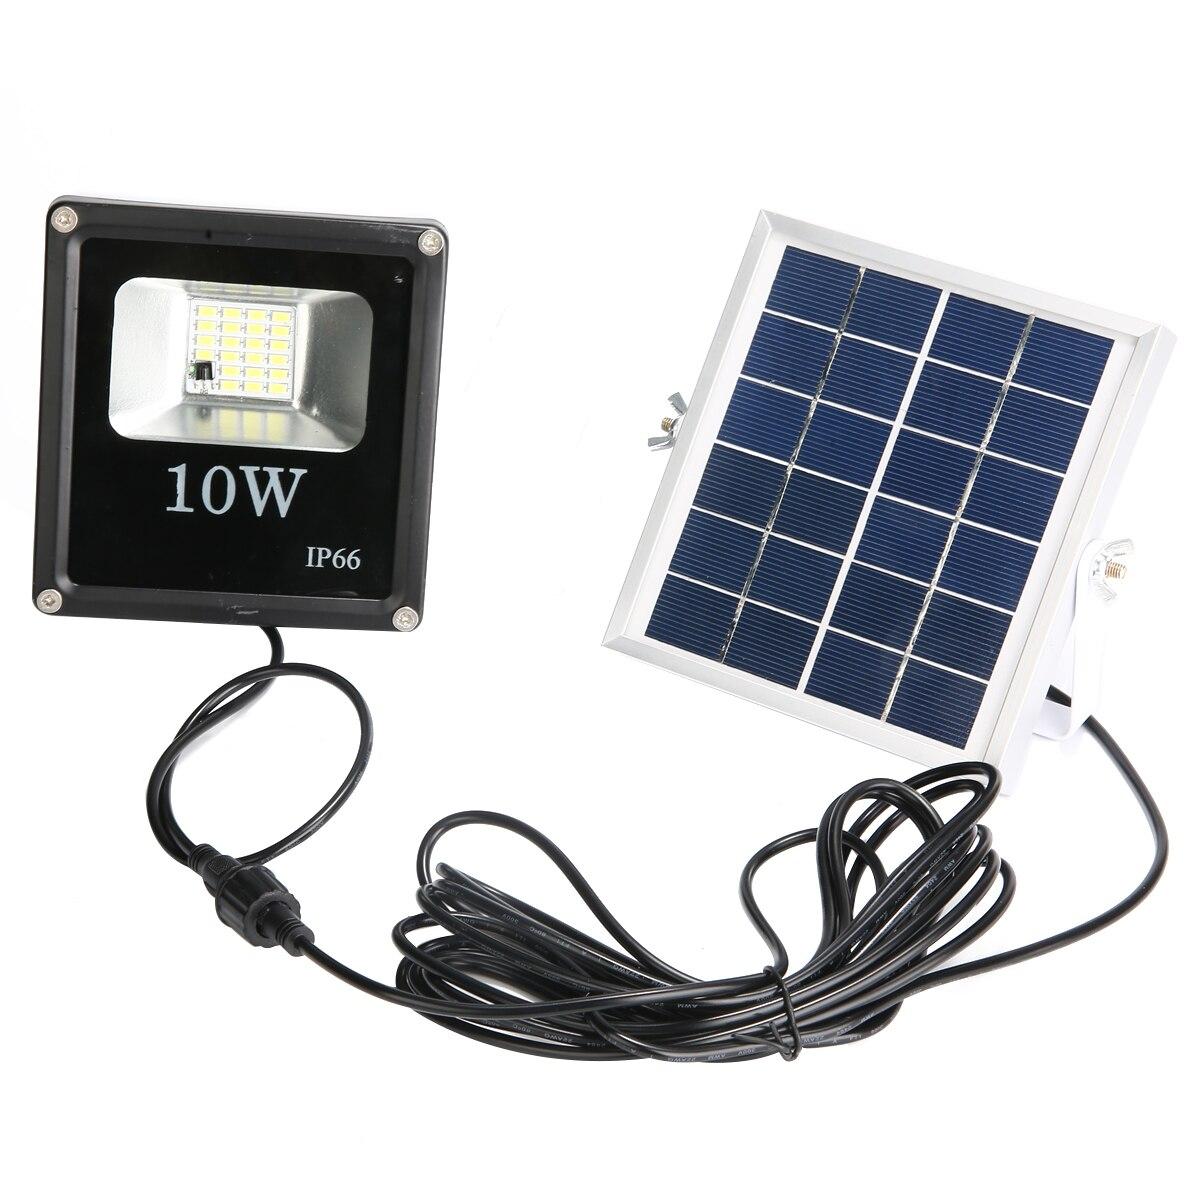 holofotes luz de inundação ip66 jardim lâmpada solar com controle remoto